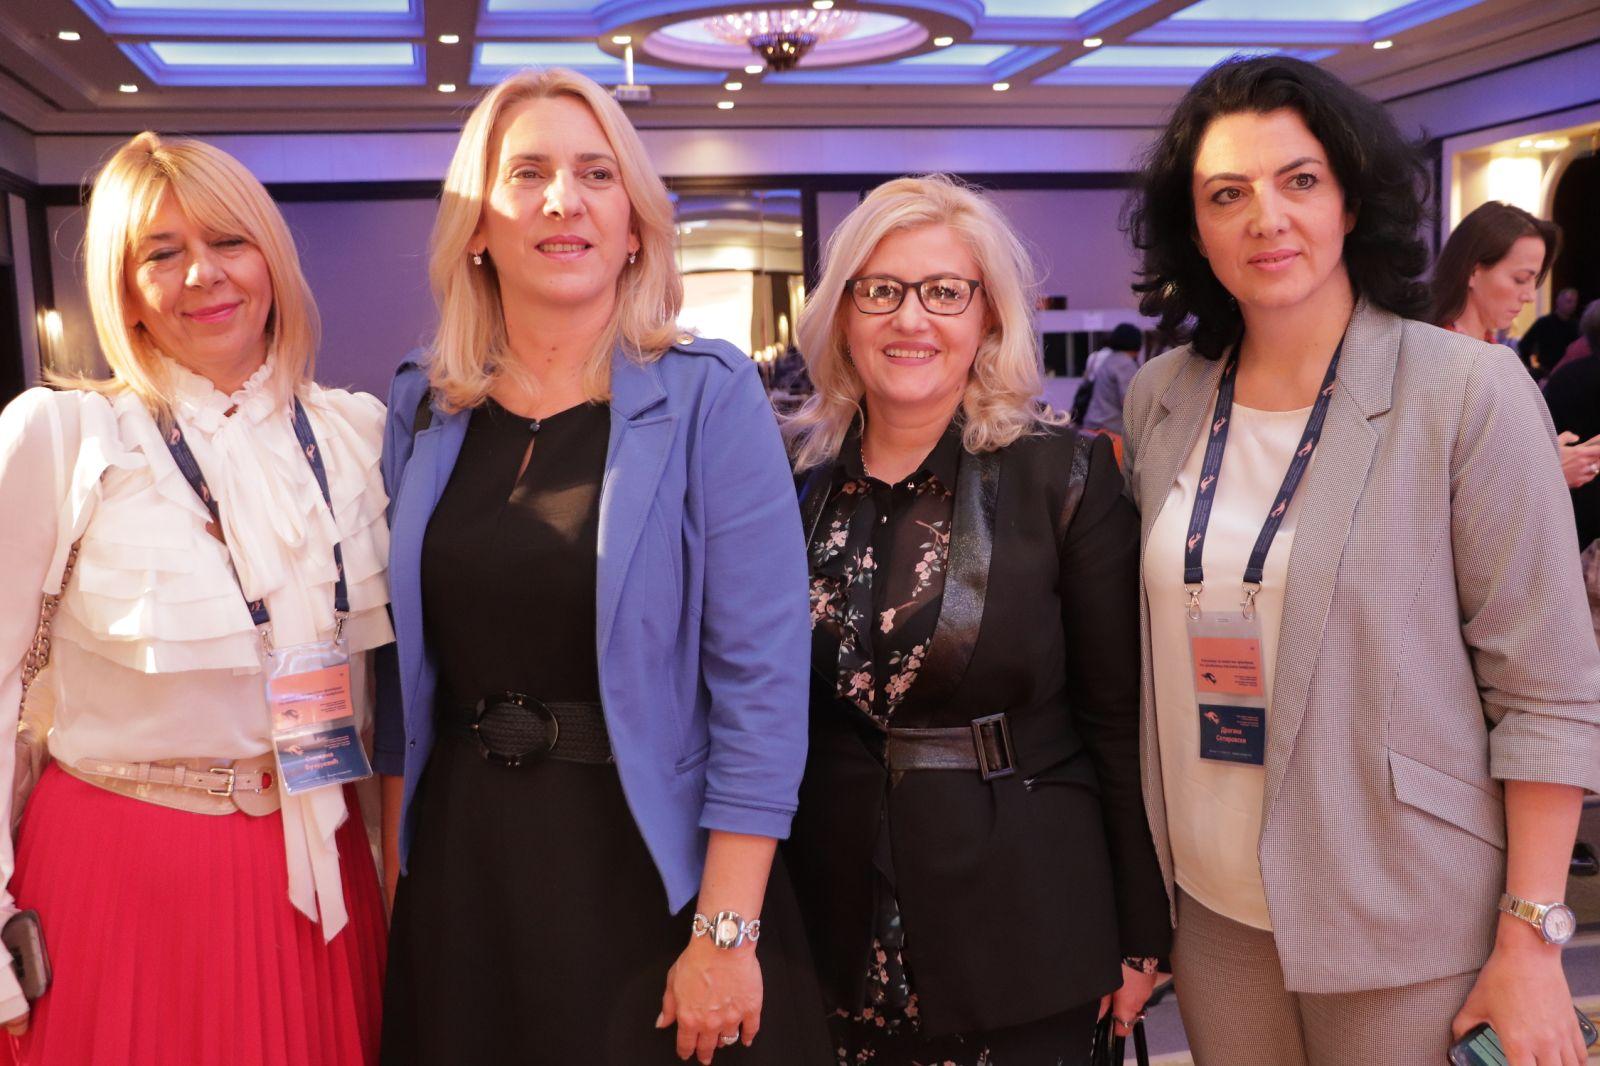 Жене лидери и одржив развој – истински равноправне